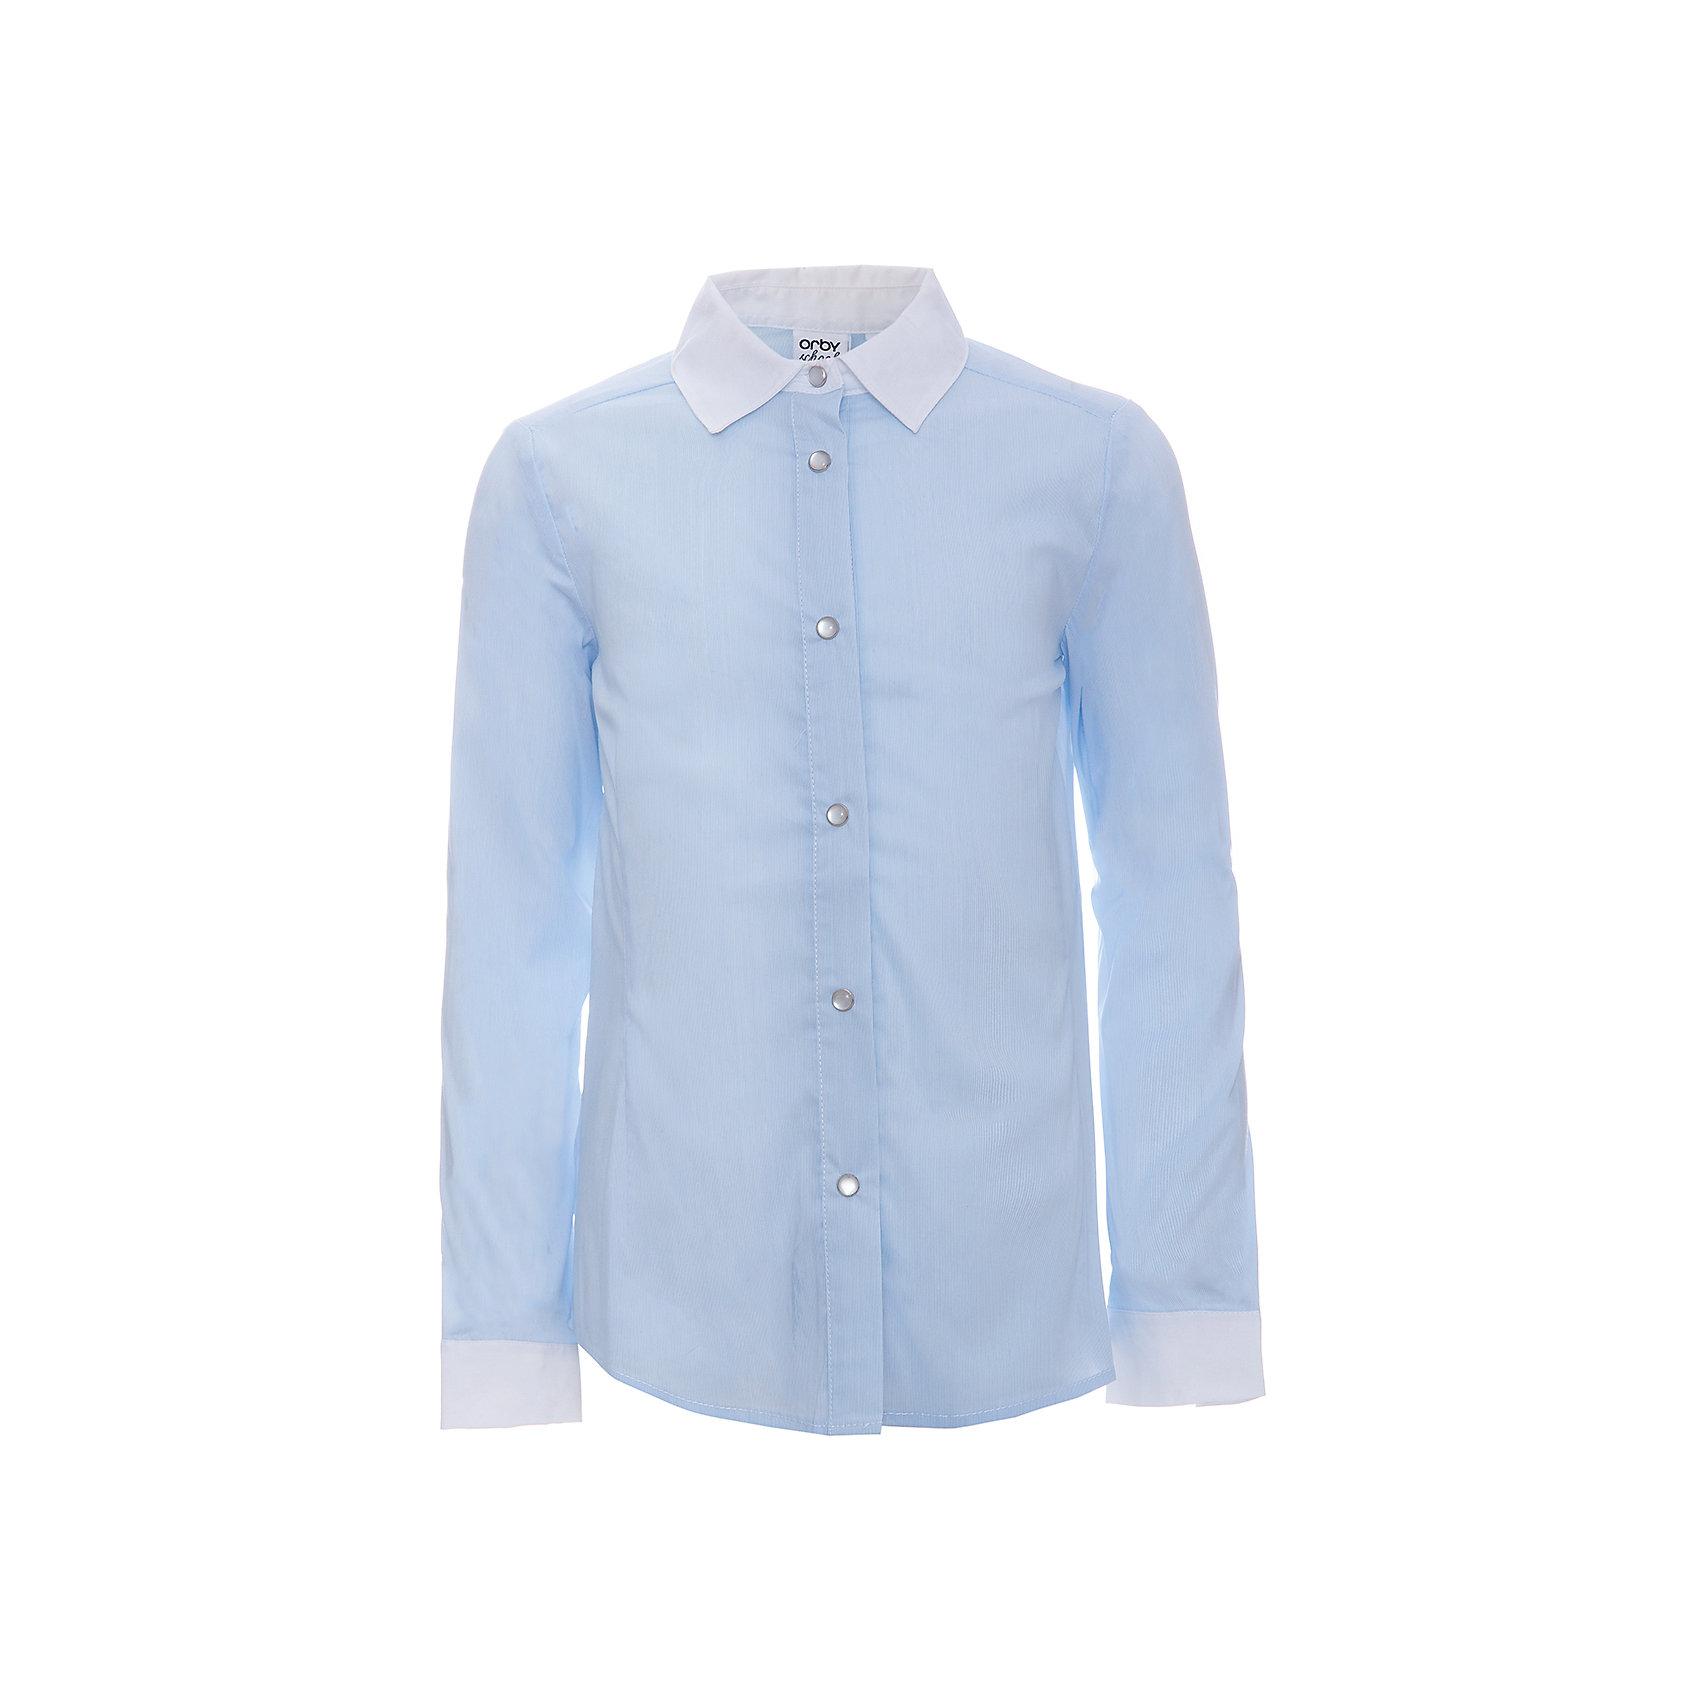 Блузка для девочки OrbyБлузки и рубашки<br>Характеристики товара:<br><br>• цвет: голубой<br>• состав ткани: 65% вискоза, 32% акрил, 3% эластан<br>• особенности: школьная<br>• длинные рукава<br>• застежка: кнопки<br>• контрастный воротник и манжеты<br>• приталенный силуэт<br>• сезон: круглый год<br>• страна бренда: Россия<br>• страна изготовитель: Россия<br><br>Голубая блузка для девочки Orby - отличный вариант практичной и стильной школьной одежды. <br><br>Школьная блузка из легкого материала обеспечит красивый внешний вид и комфорт одновременно.<br><br>Блузку для девочки Orby (Орби) можно купить в нашем интернет-магазине.<br><br>Ширина мм: 186<br>Глубина мм: 87<br>Высота мм: 198<br>Вес г: 197<br>Цвет: голубой<br>Возраст от месяцев: 108<br>Возраст до месяцев: 120<br>Пол: Женский<br>Возраст: Детский<br>Размер: 140,146,152,158,164,170,122,128,134<br>SKU: 6960268